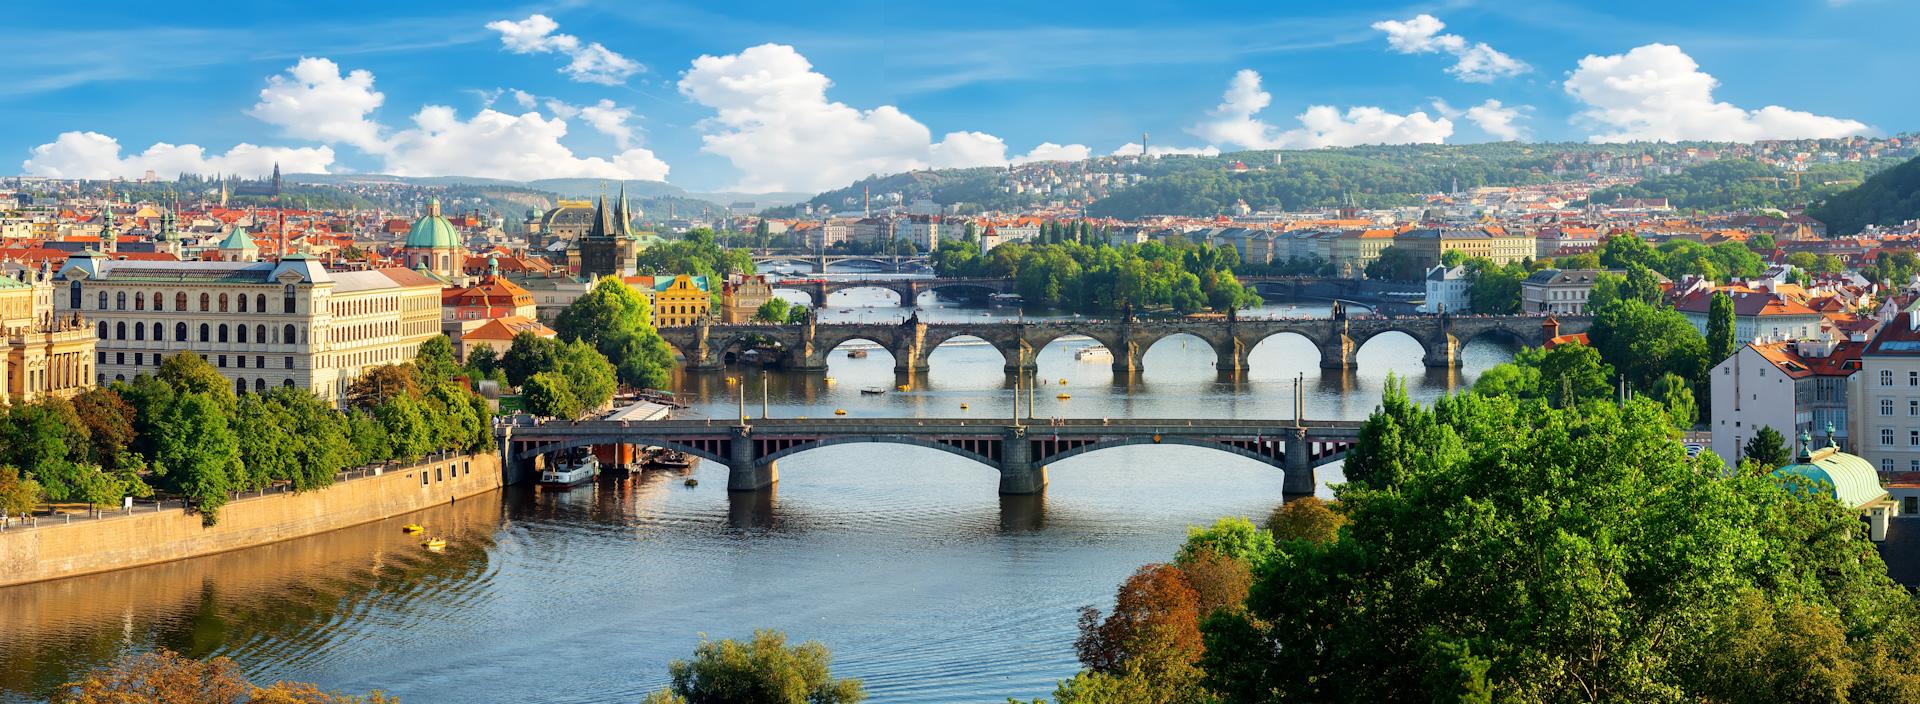 IVF mit Eizellenspende 10 Gründe, die für Tschechien sprechen